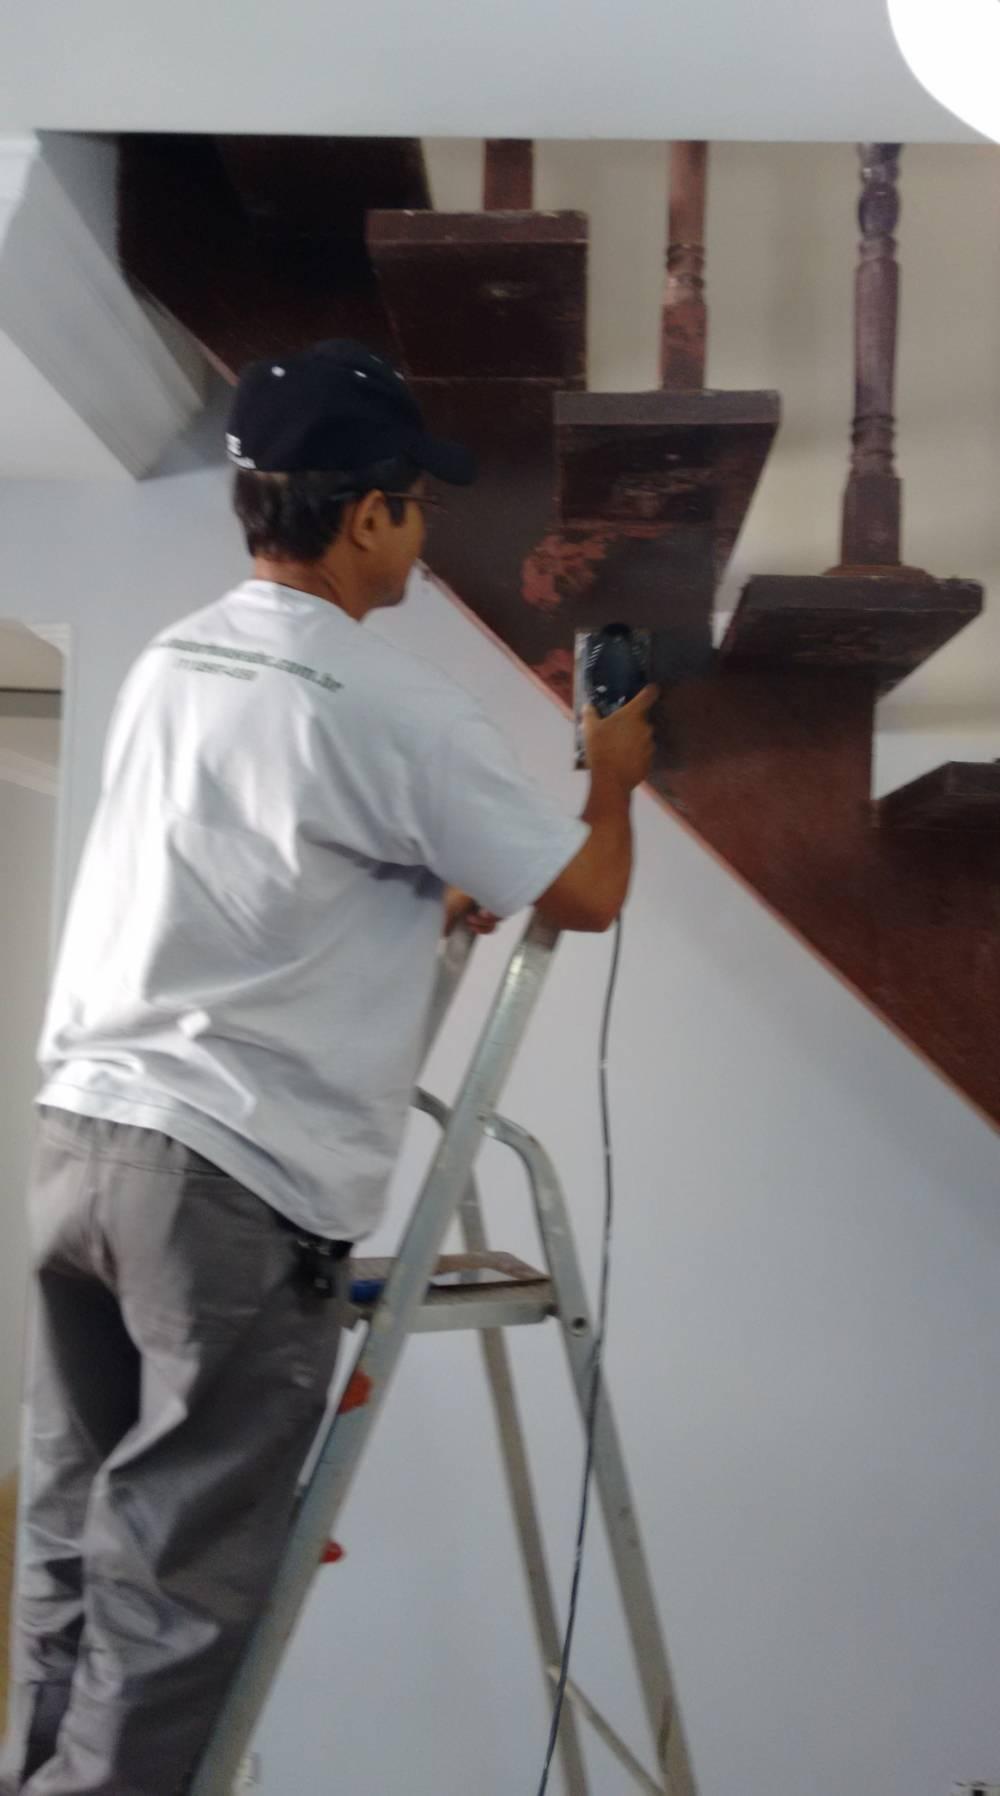 Manutenções Residenciais Quanto Custa na Vila Palmares - Manutenção Residencial na Zona Leste